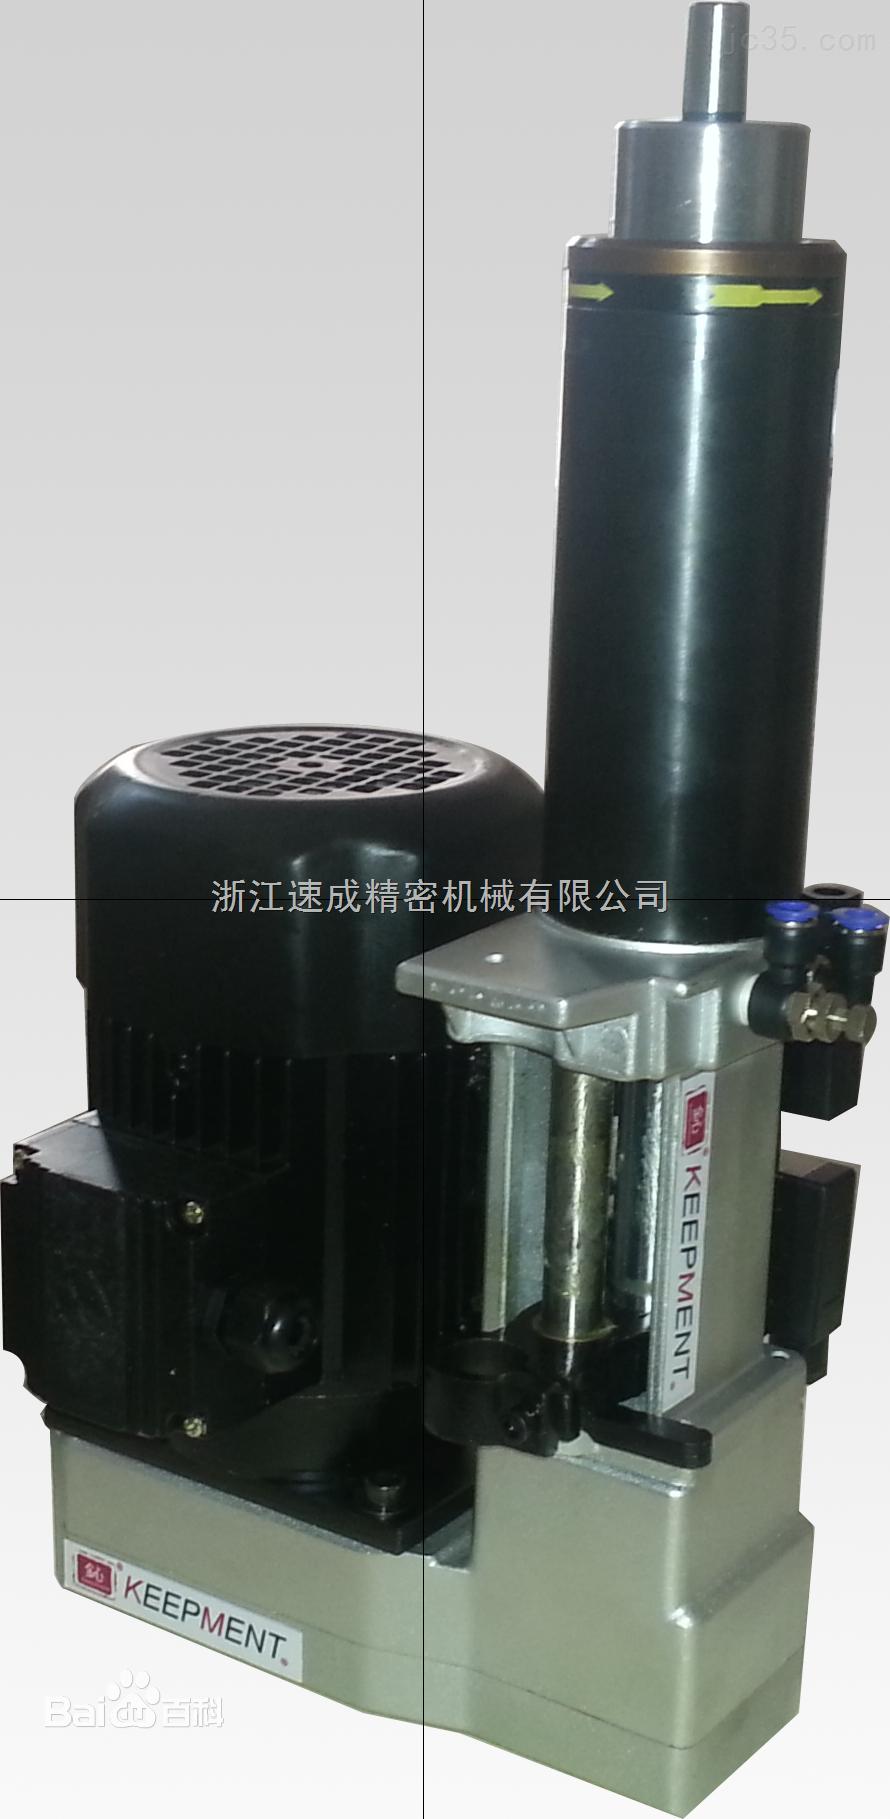 动力头 SF3P型行程80mm长高精度全自动钻孔动力头供应